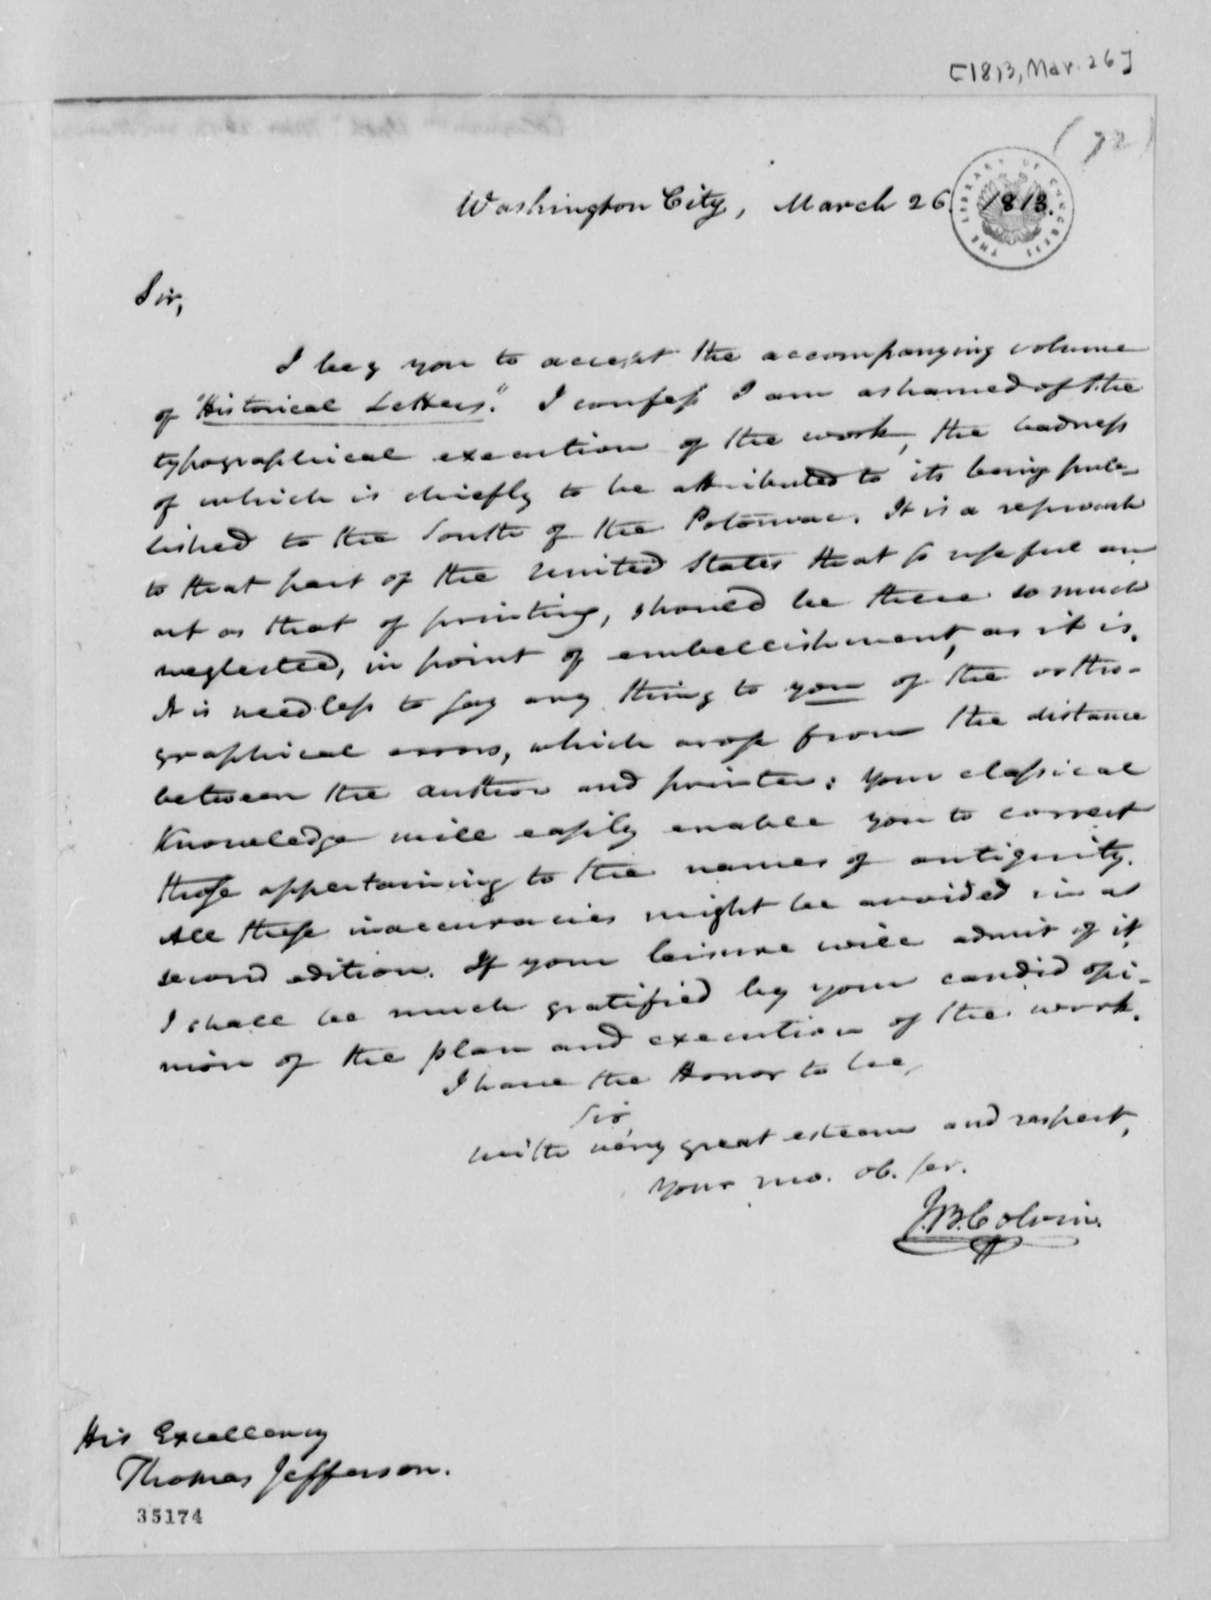 John B. Colvin to Thomas Jefferson, March 26, 1813